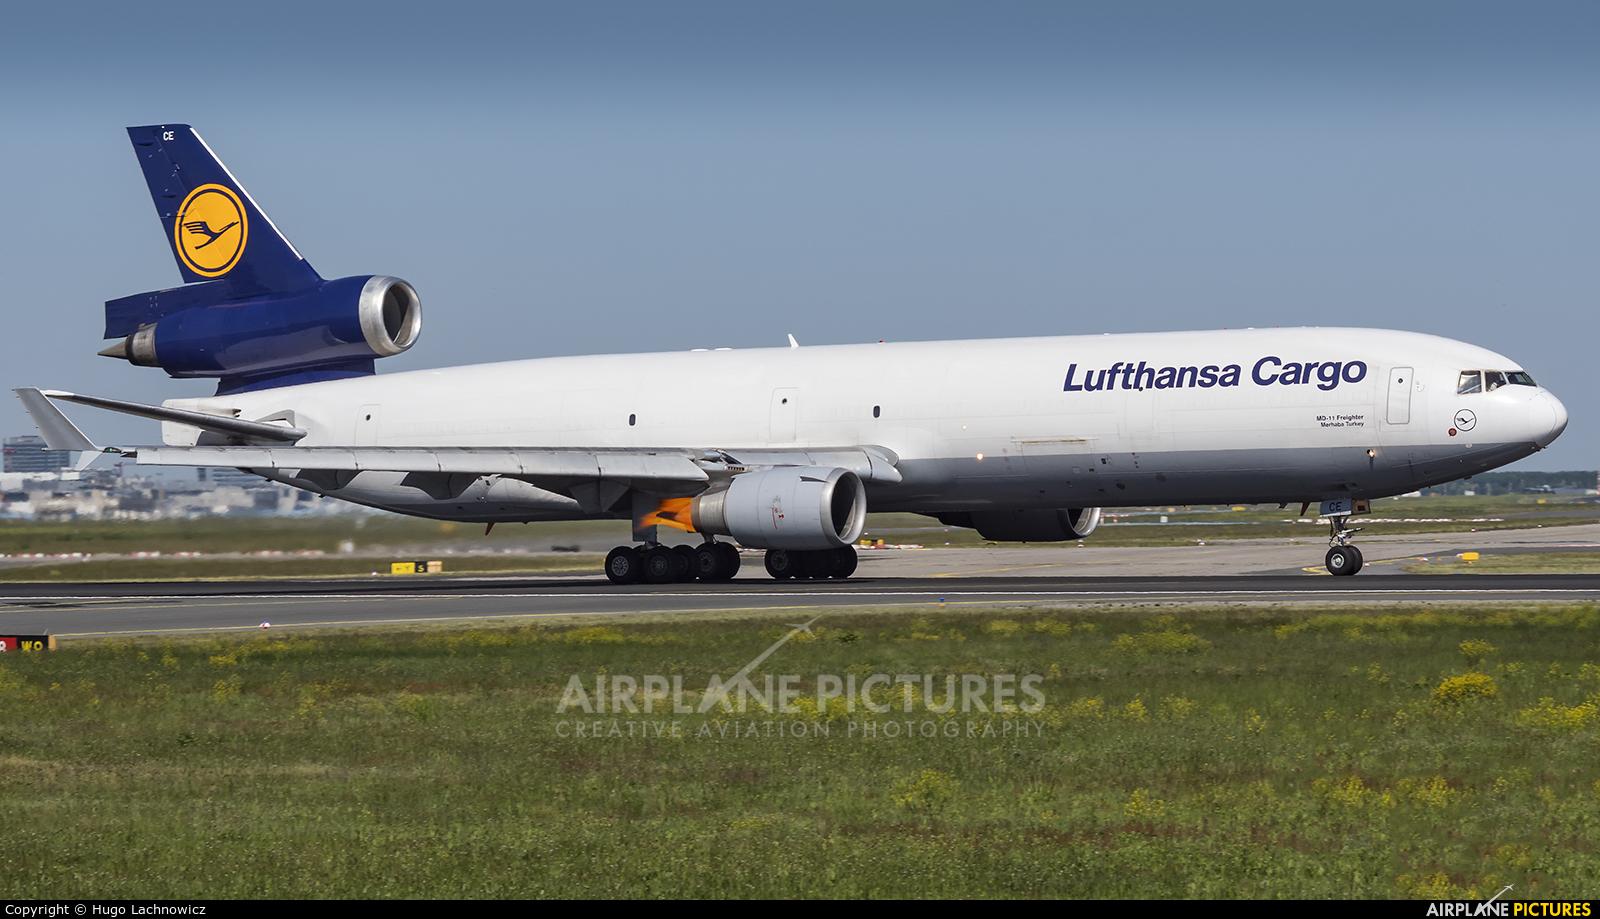 Lufthansa Cargo D-ALCE aircraft at Frankfurt